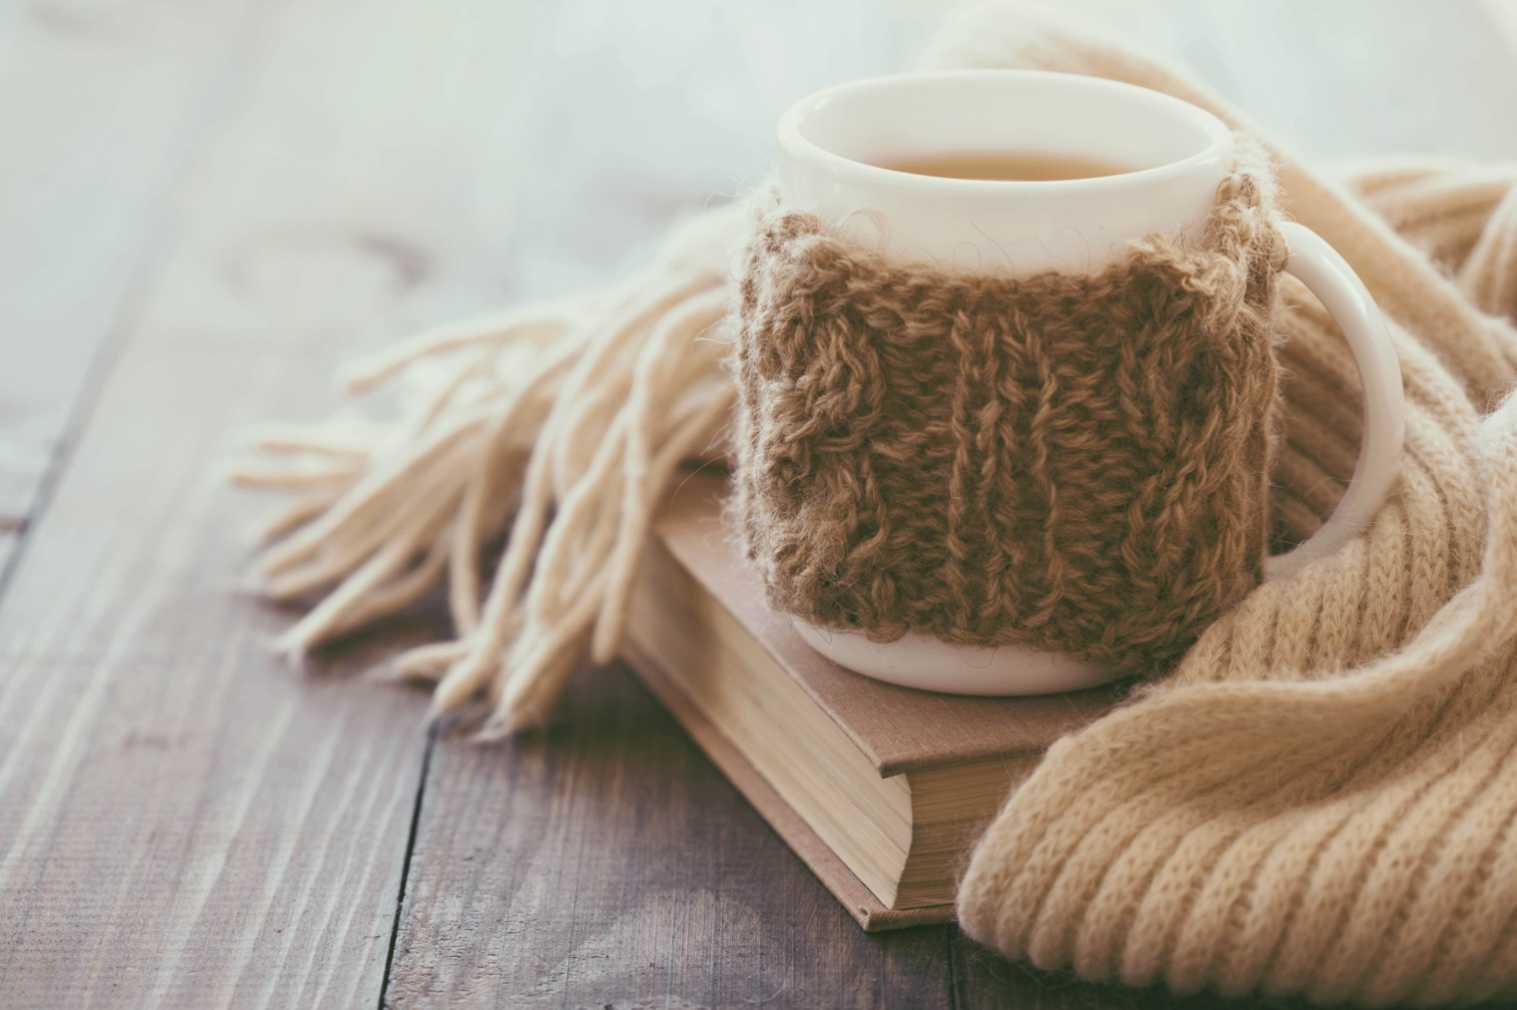 Seis doenças comuns do inverno e como tratá-las